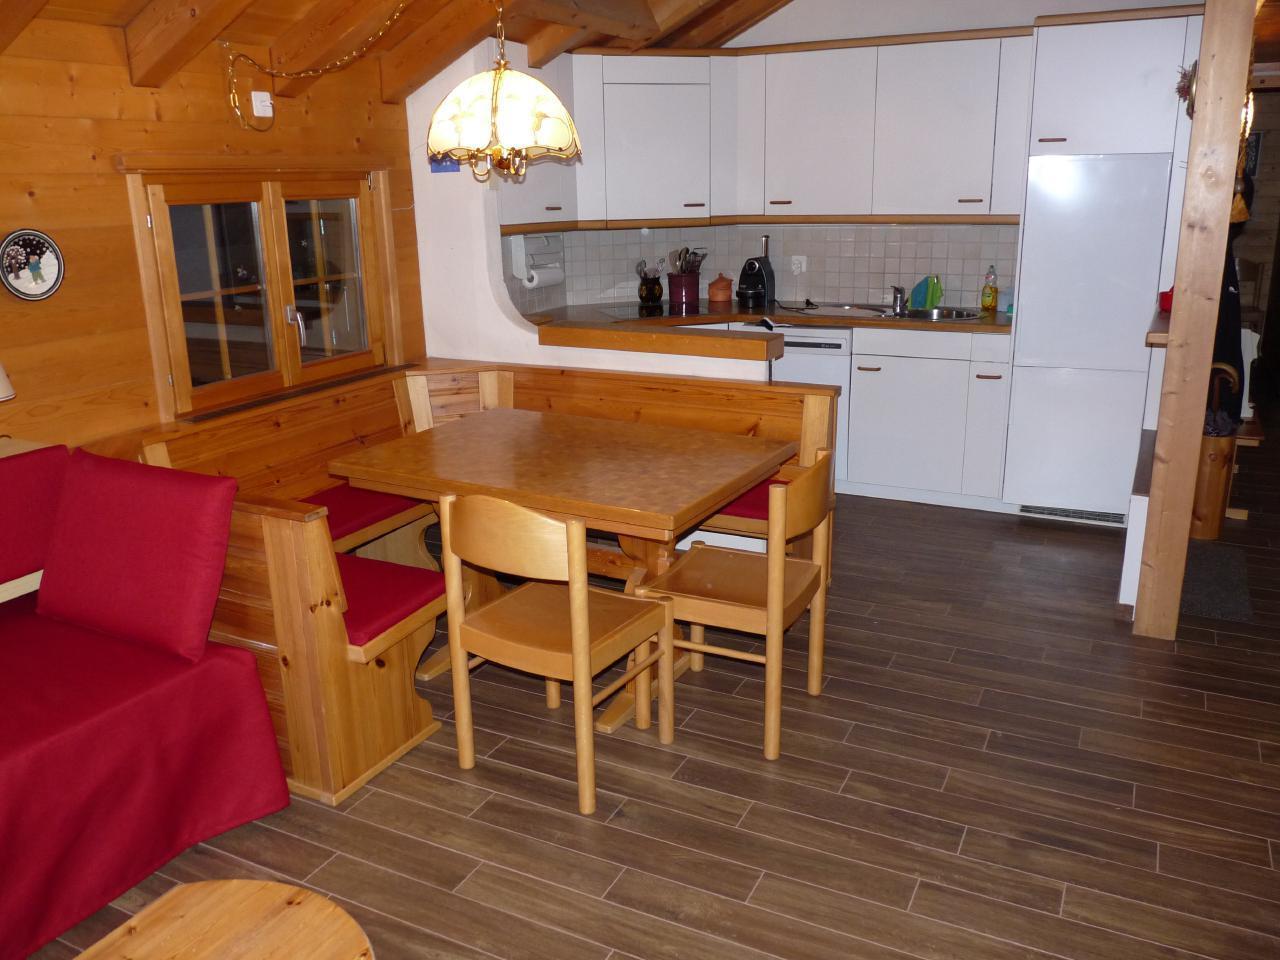 Ferienwohnung Chalet Kiefer (657014), Grindelwald, Jungfrauregion, Berner Oberland, Schweiz, Bild 6